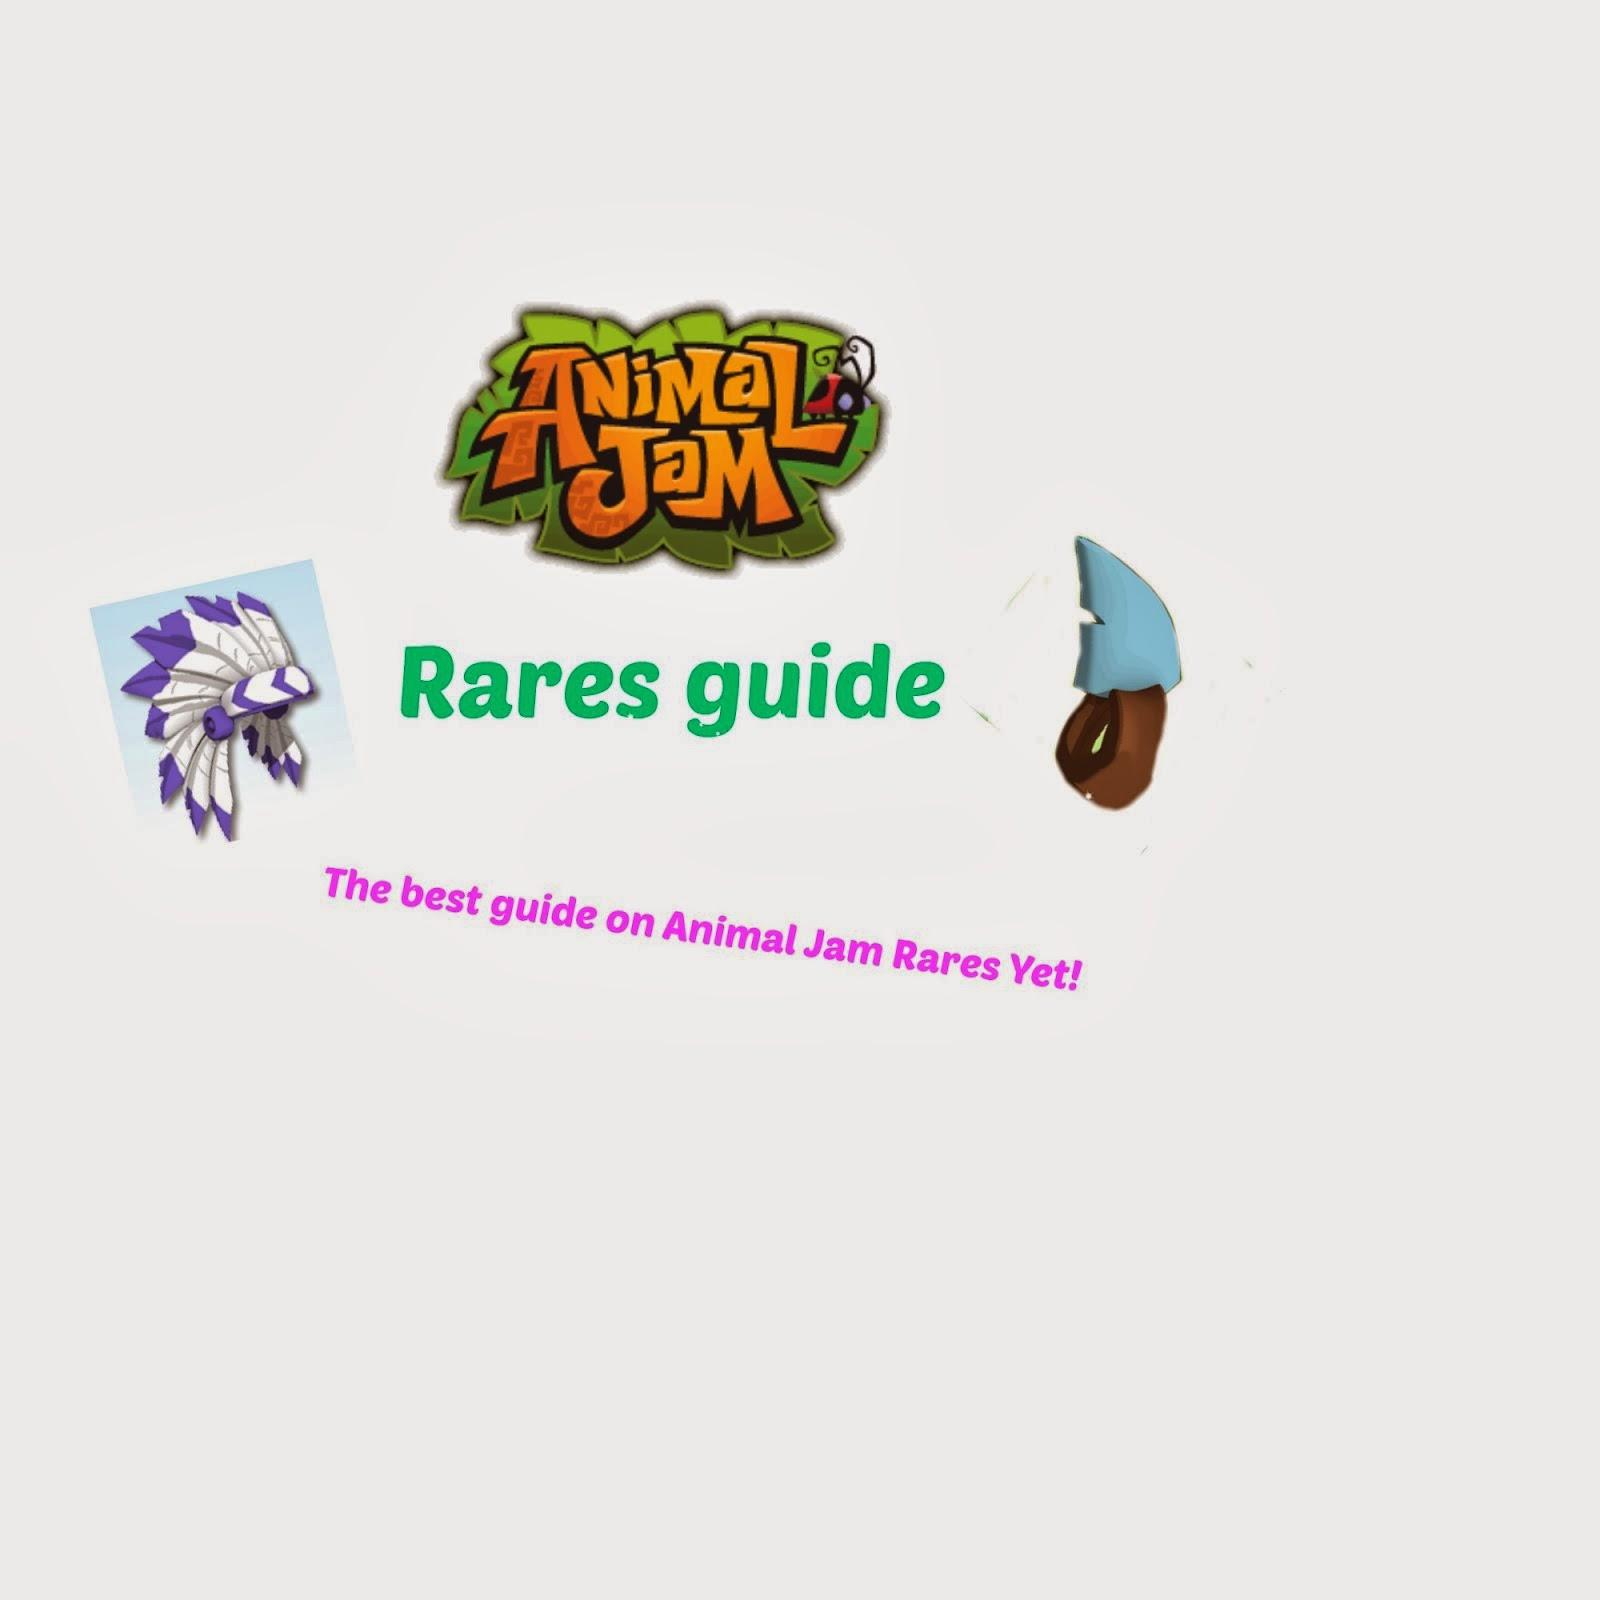 Londonpie's AJ Rare Guide